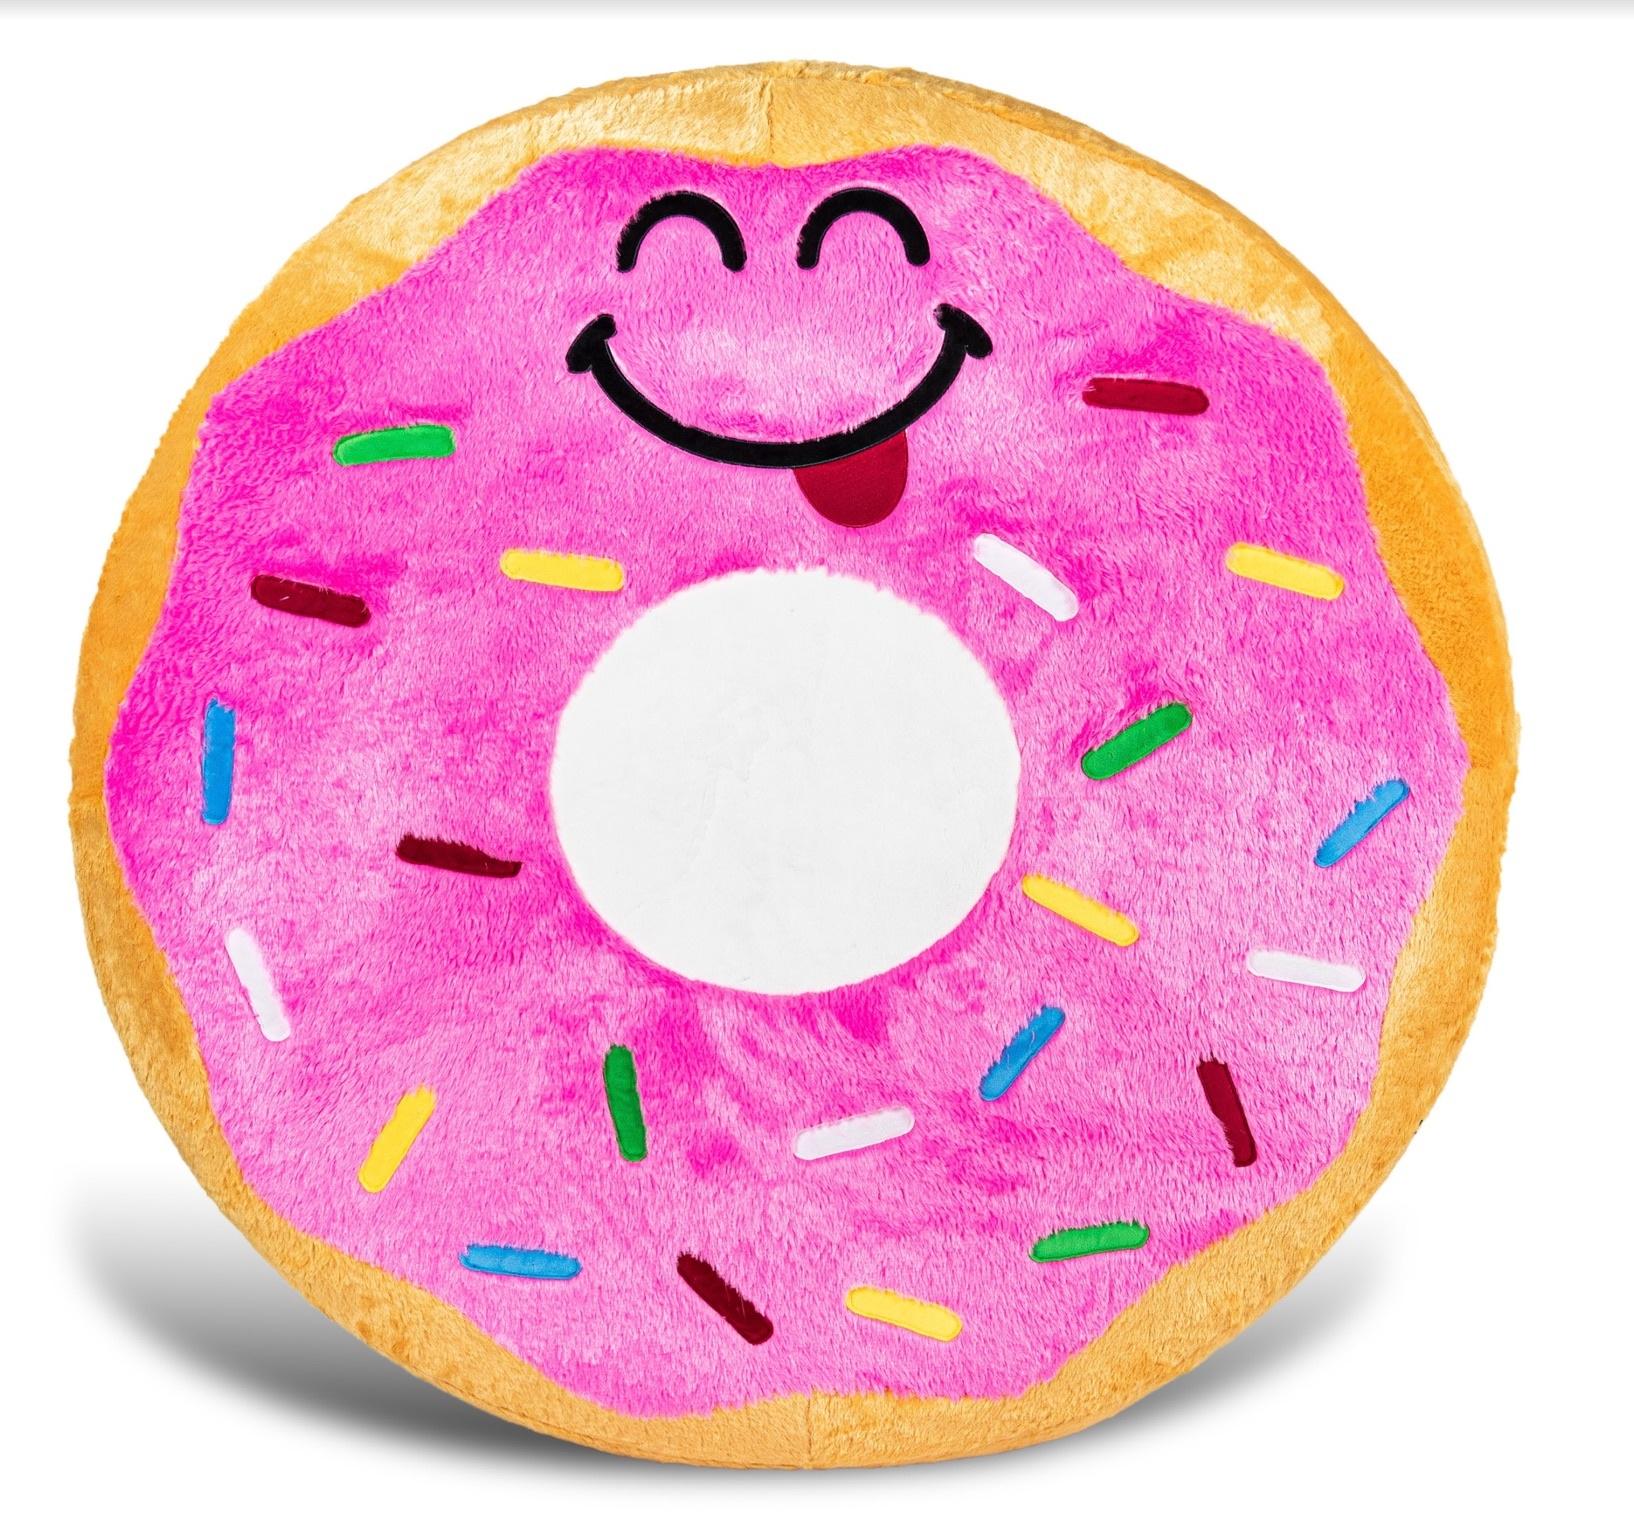 Donut Inflatable Floor Floatie-1